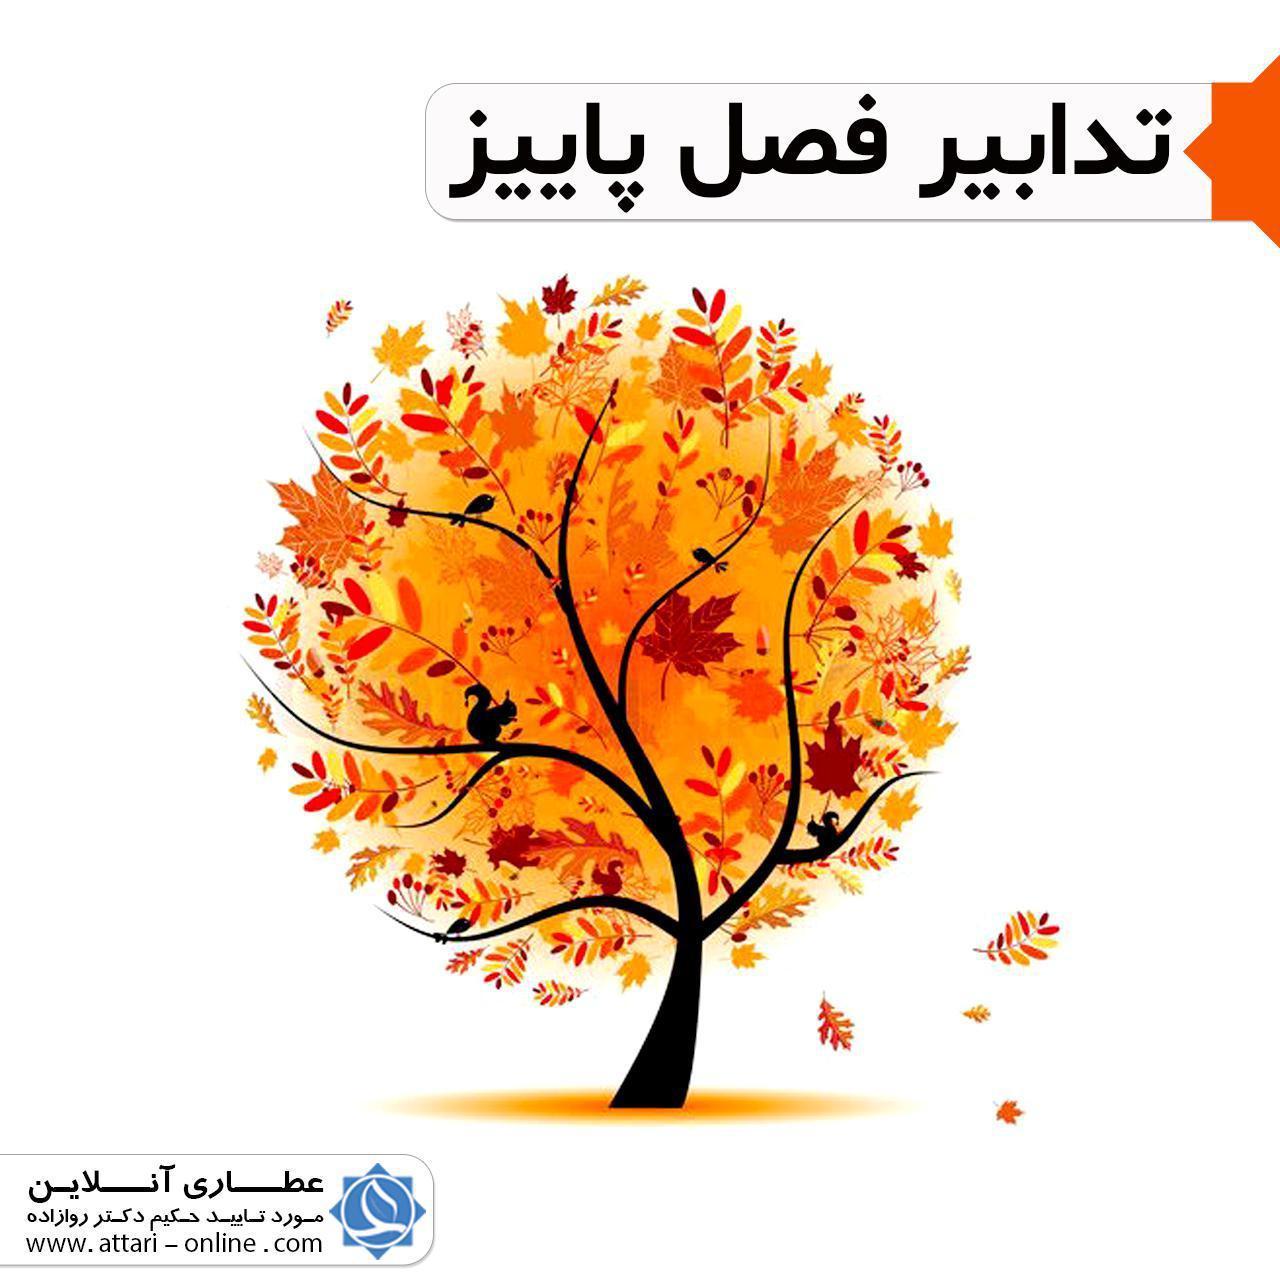 پاییزک25 تدابیر و توصیه های فصل پاییز